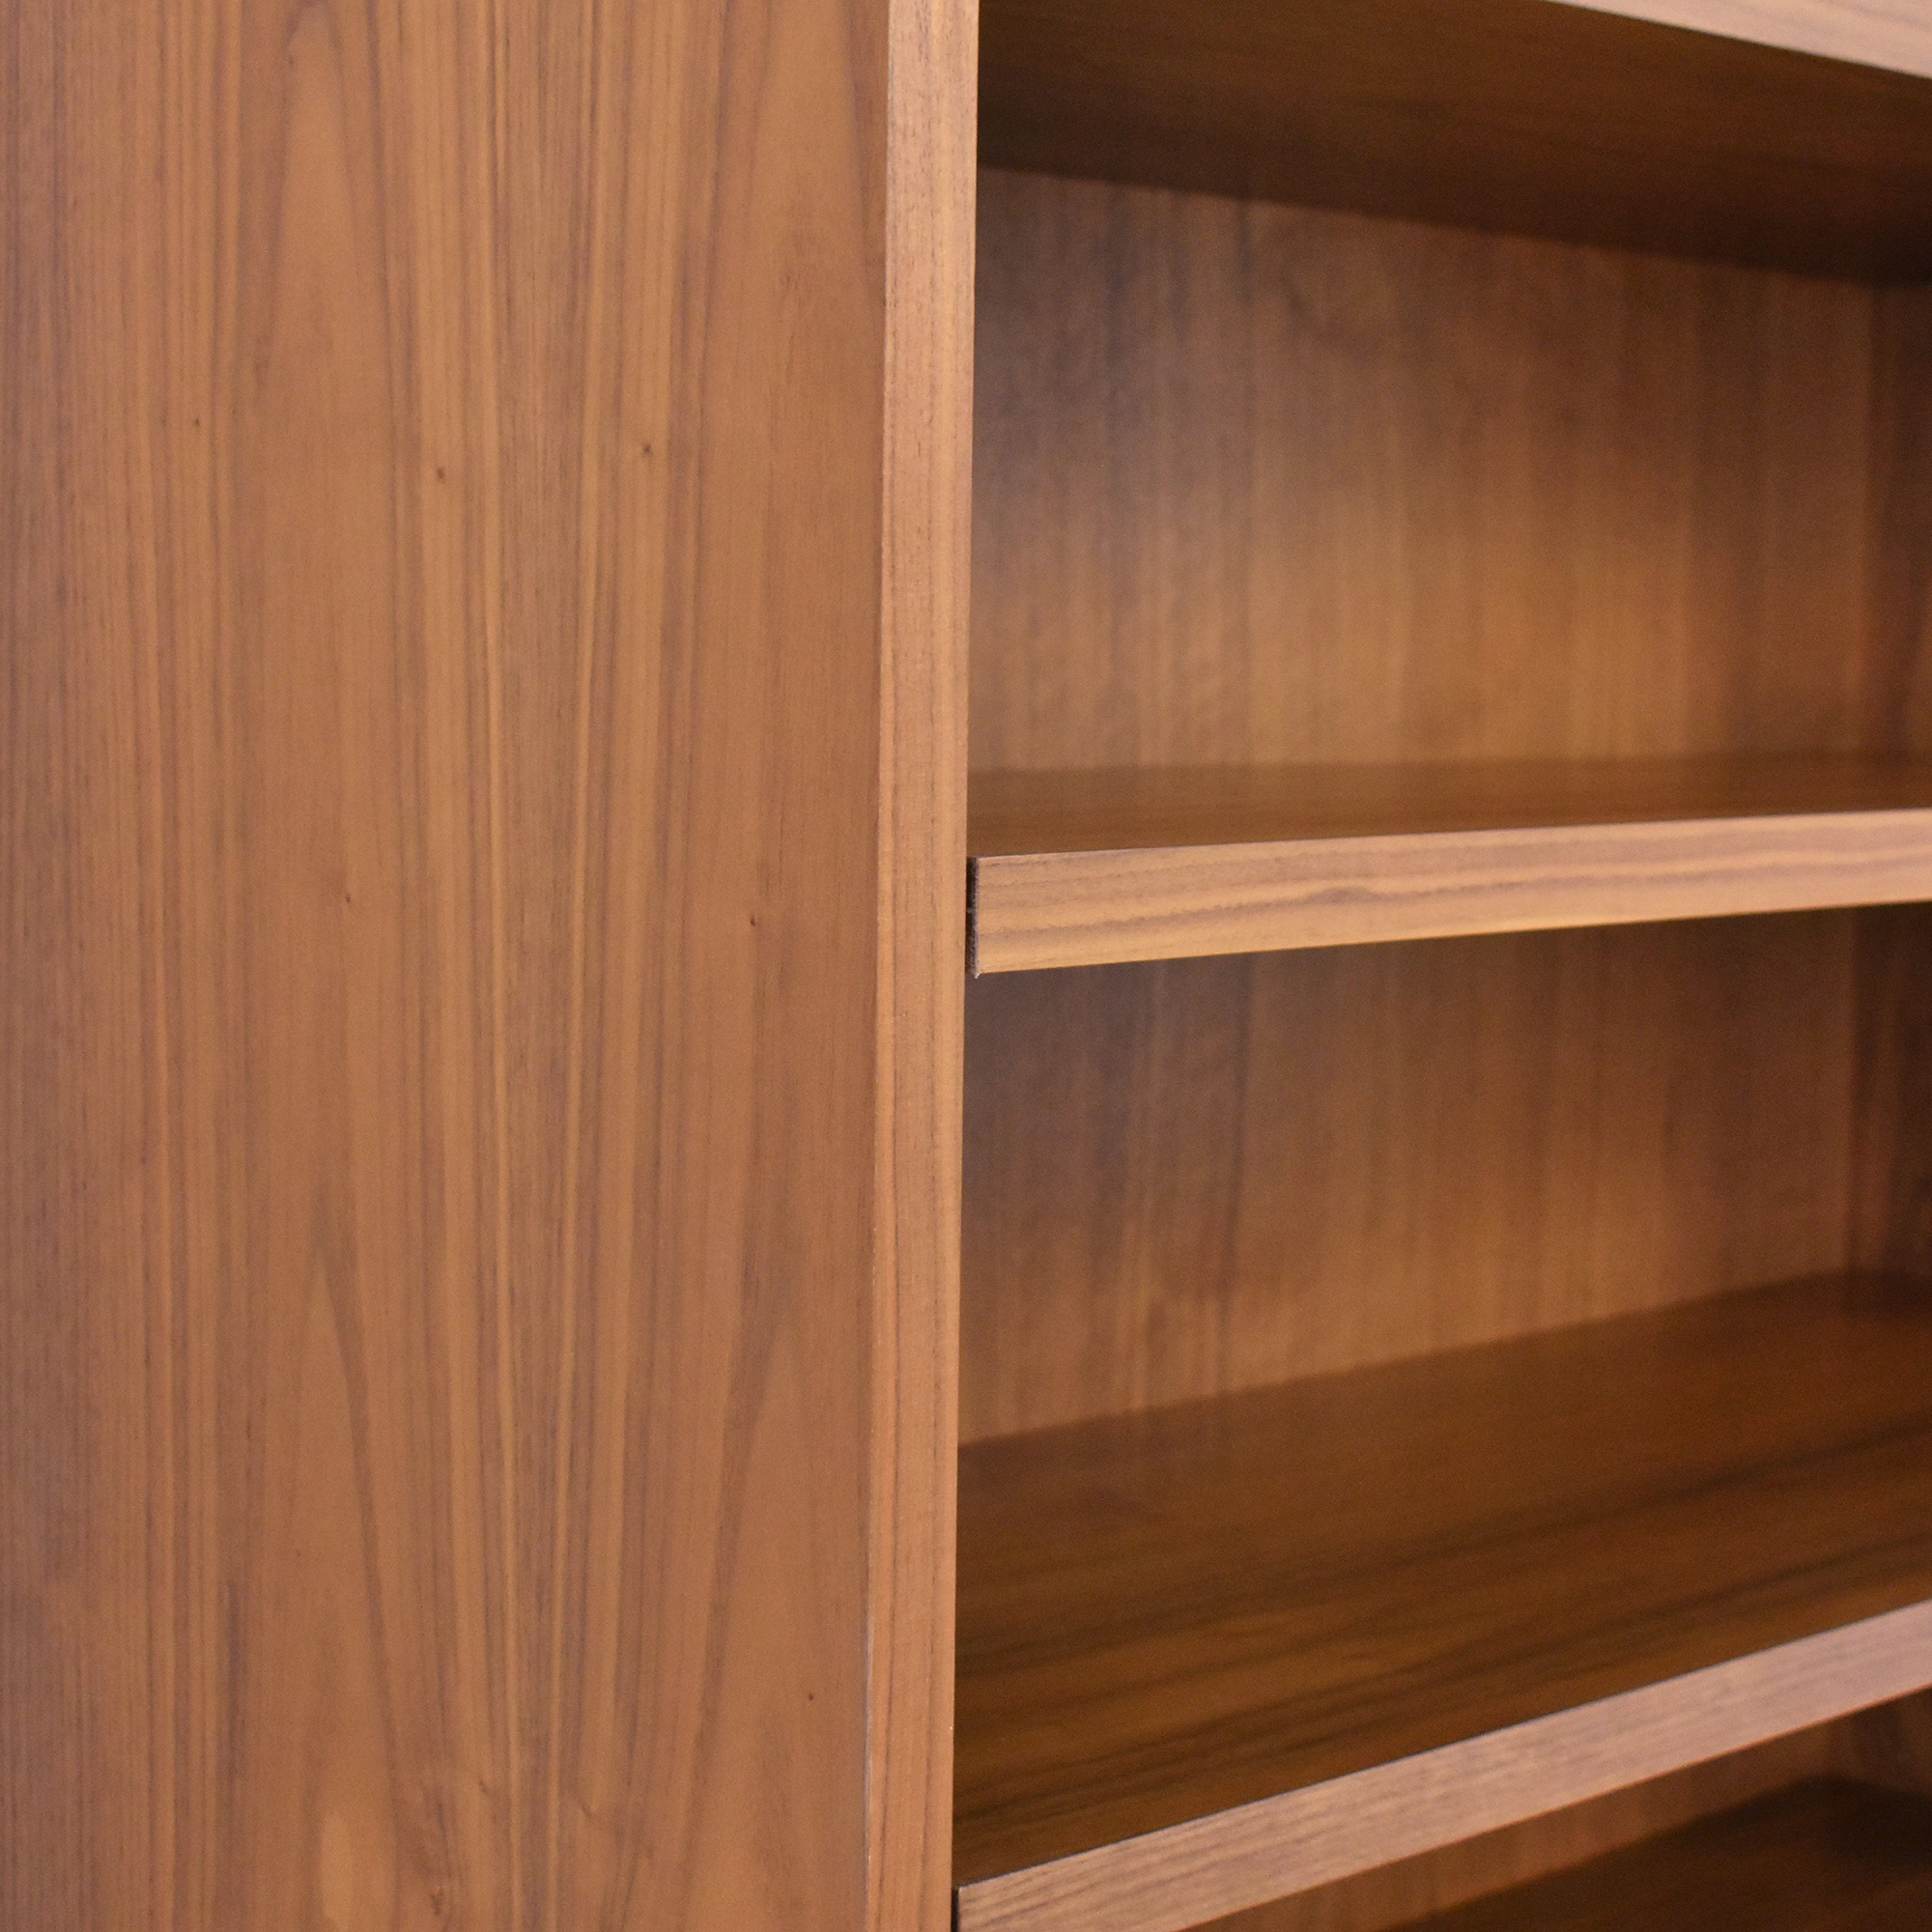 buy Room & Board Copenhagen Two Door Bookcase Room & Board Bookcases & Shelving